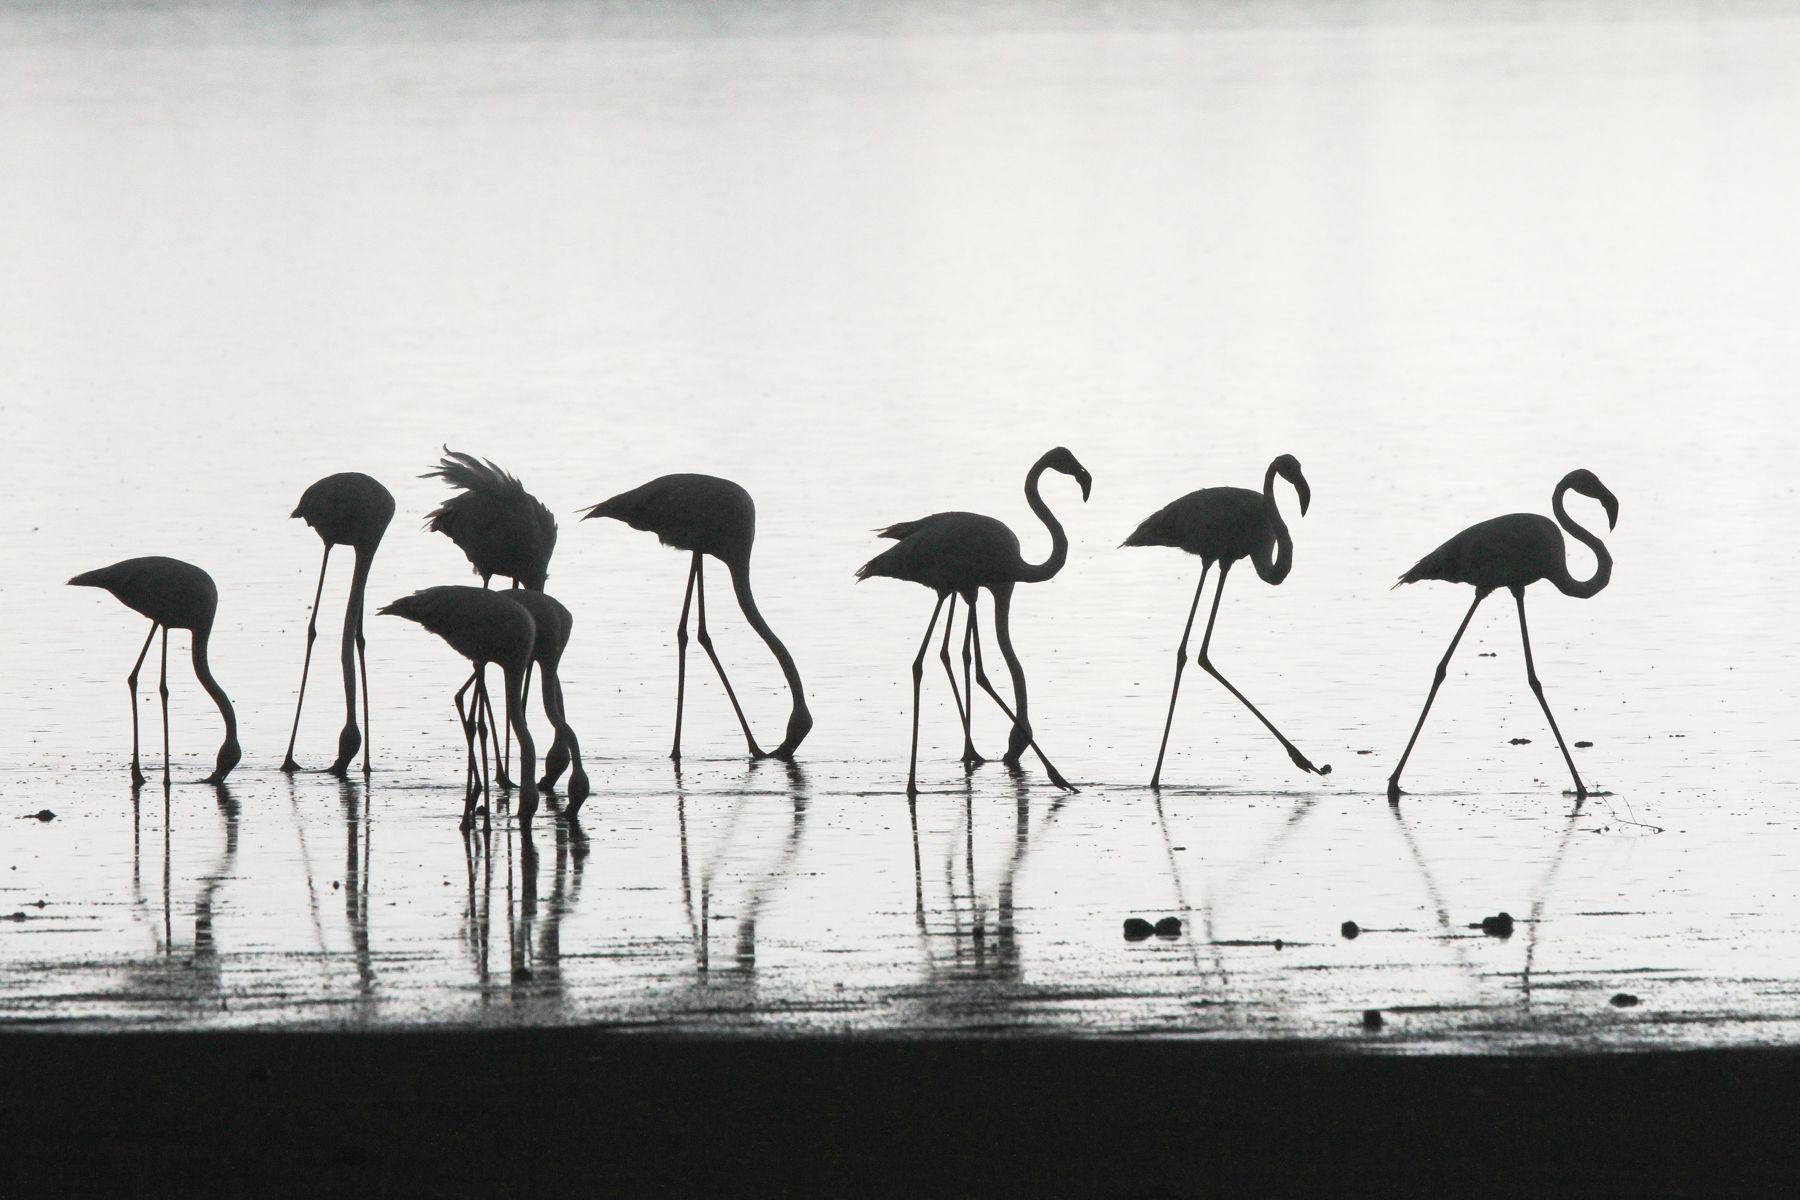 Flamingo silhouettes